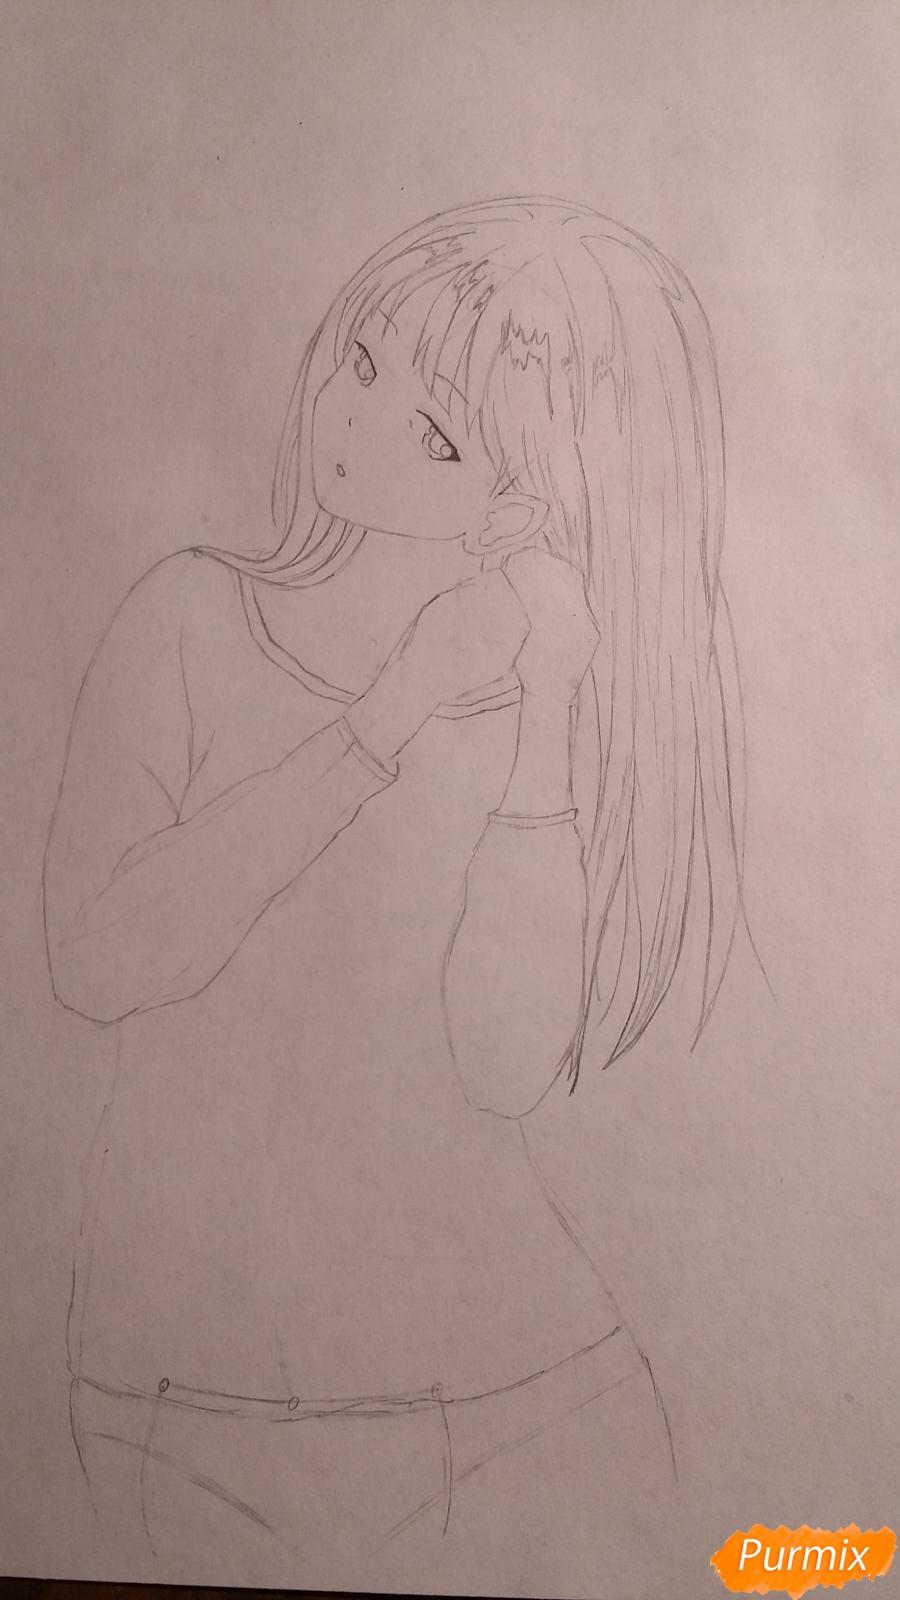 Рисуем милую девушку в аниме стиле карандашами - шаг 4